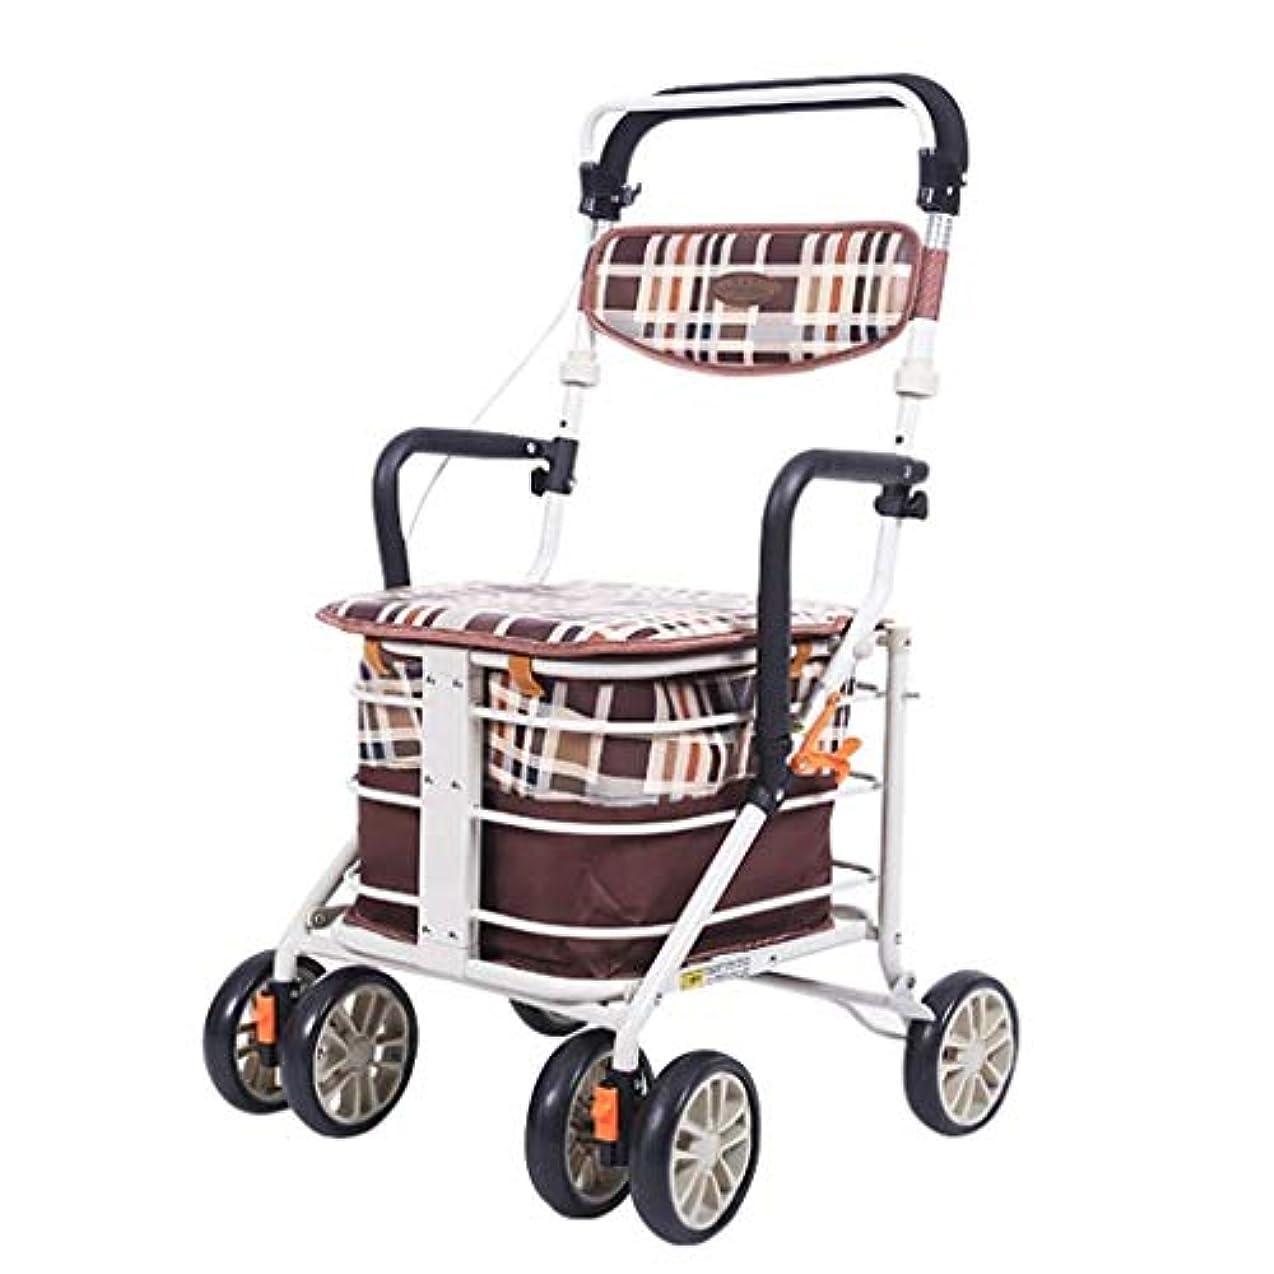 練習したナットしわハンドブレーキ高齢者歩行者が付いている軽量のアルミ合金の座席を折る多機能歩行者のトロリーショッピングカート